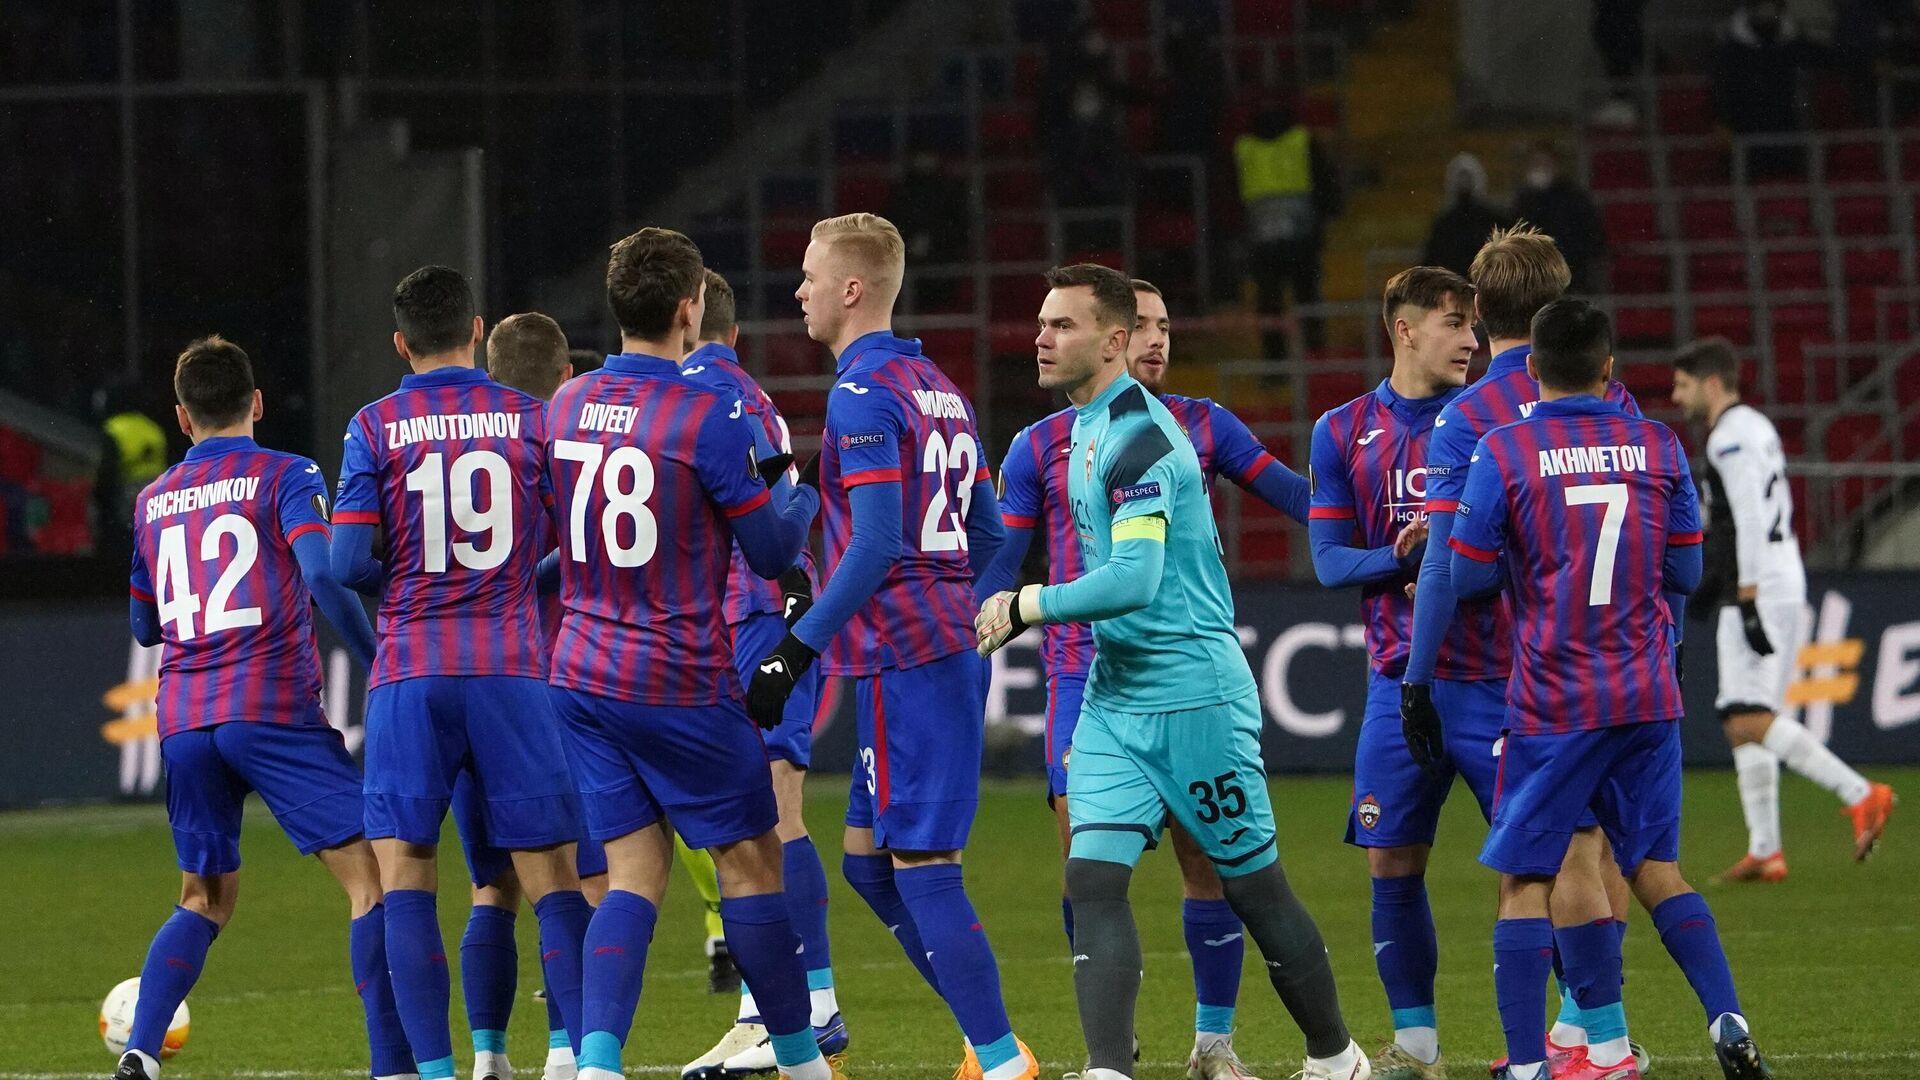 Сезон новый, результаты старые: ЦСКА снова остался без евровесны